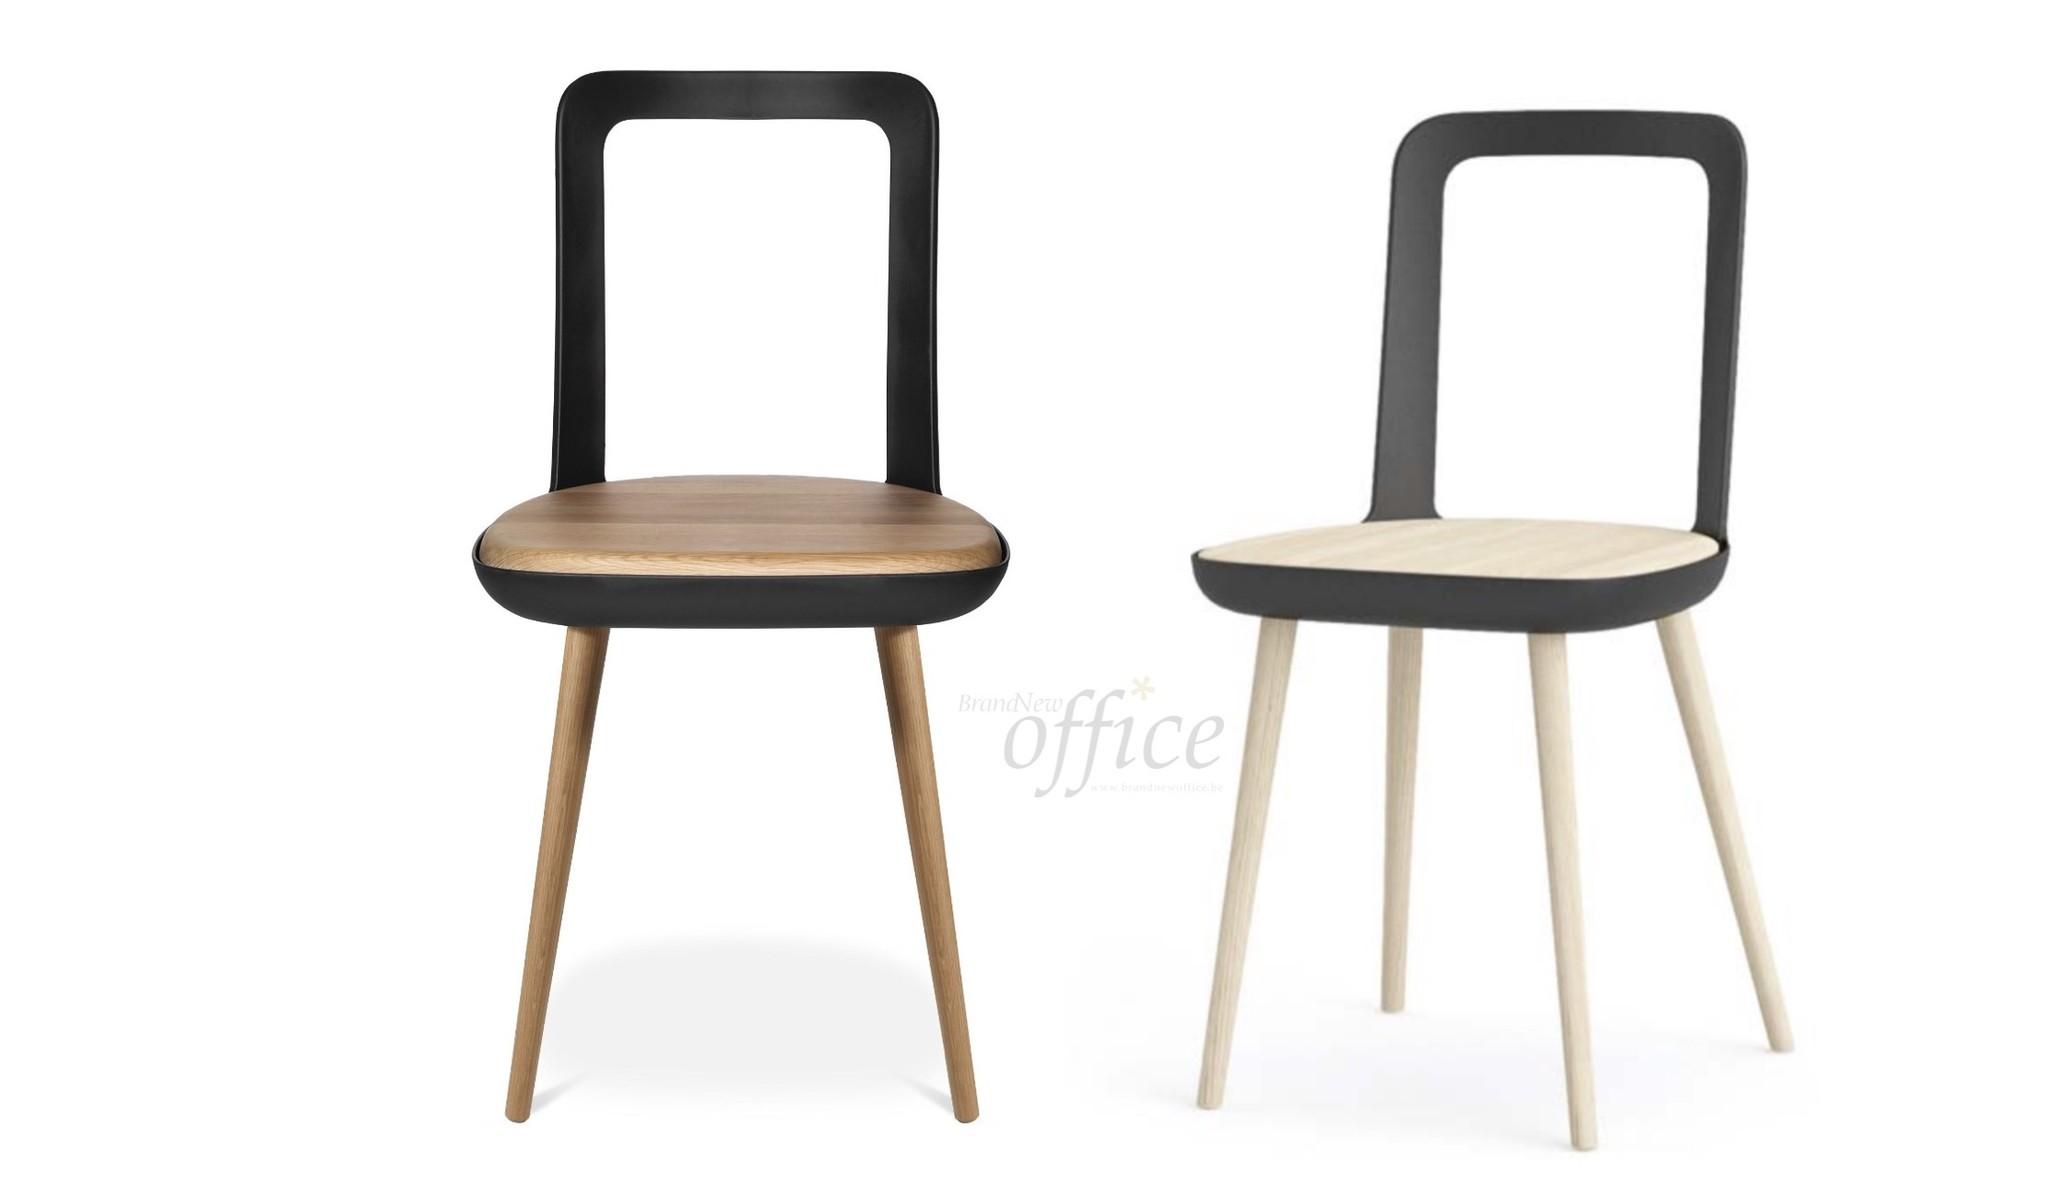 Design Houten Stoelen.Houten Stoelen Met Design Van Brand New Office Bvba Brand New Office